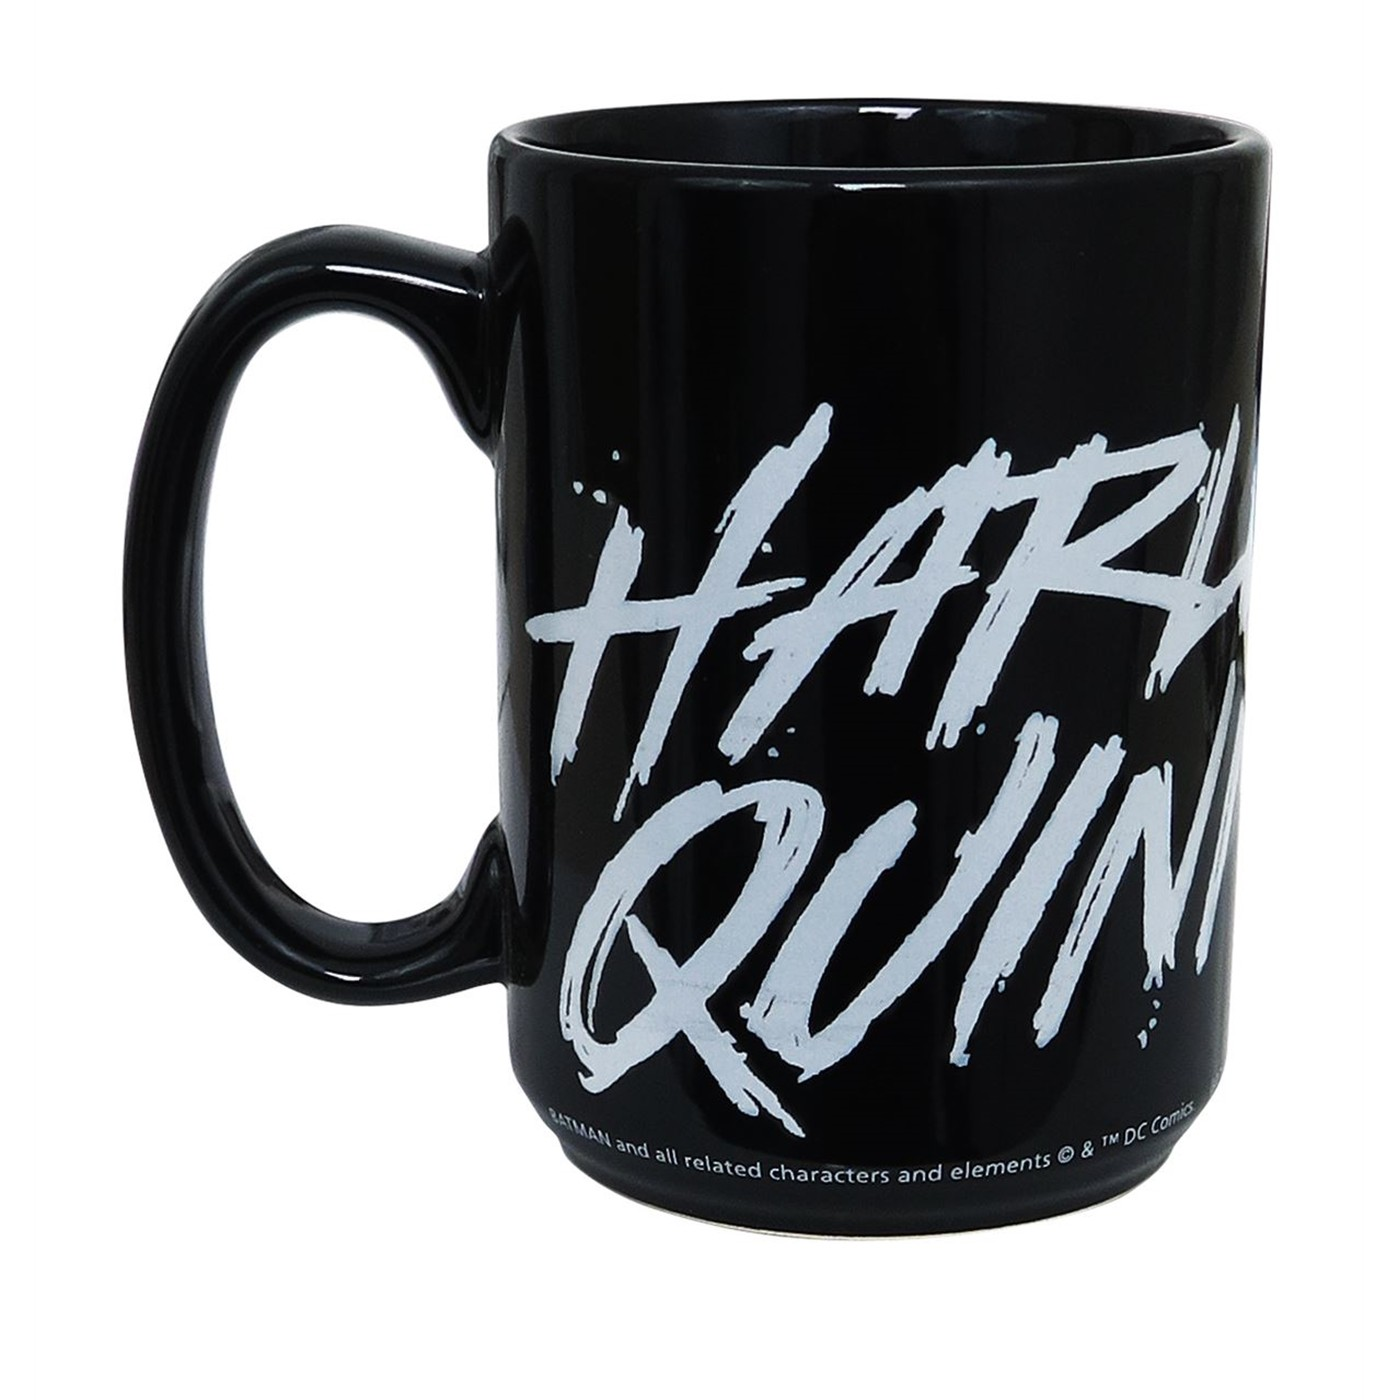 Harley Quinn Trust Me I'm Sane 15oz Ceramic Mug